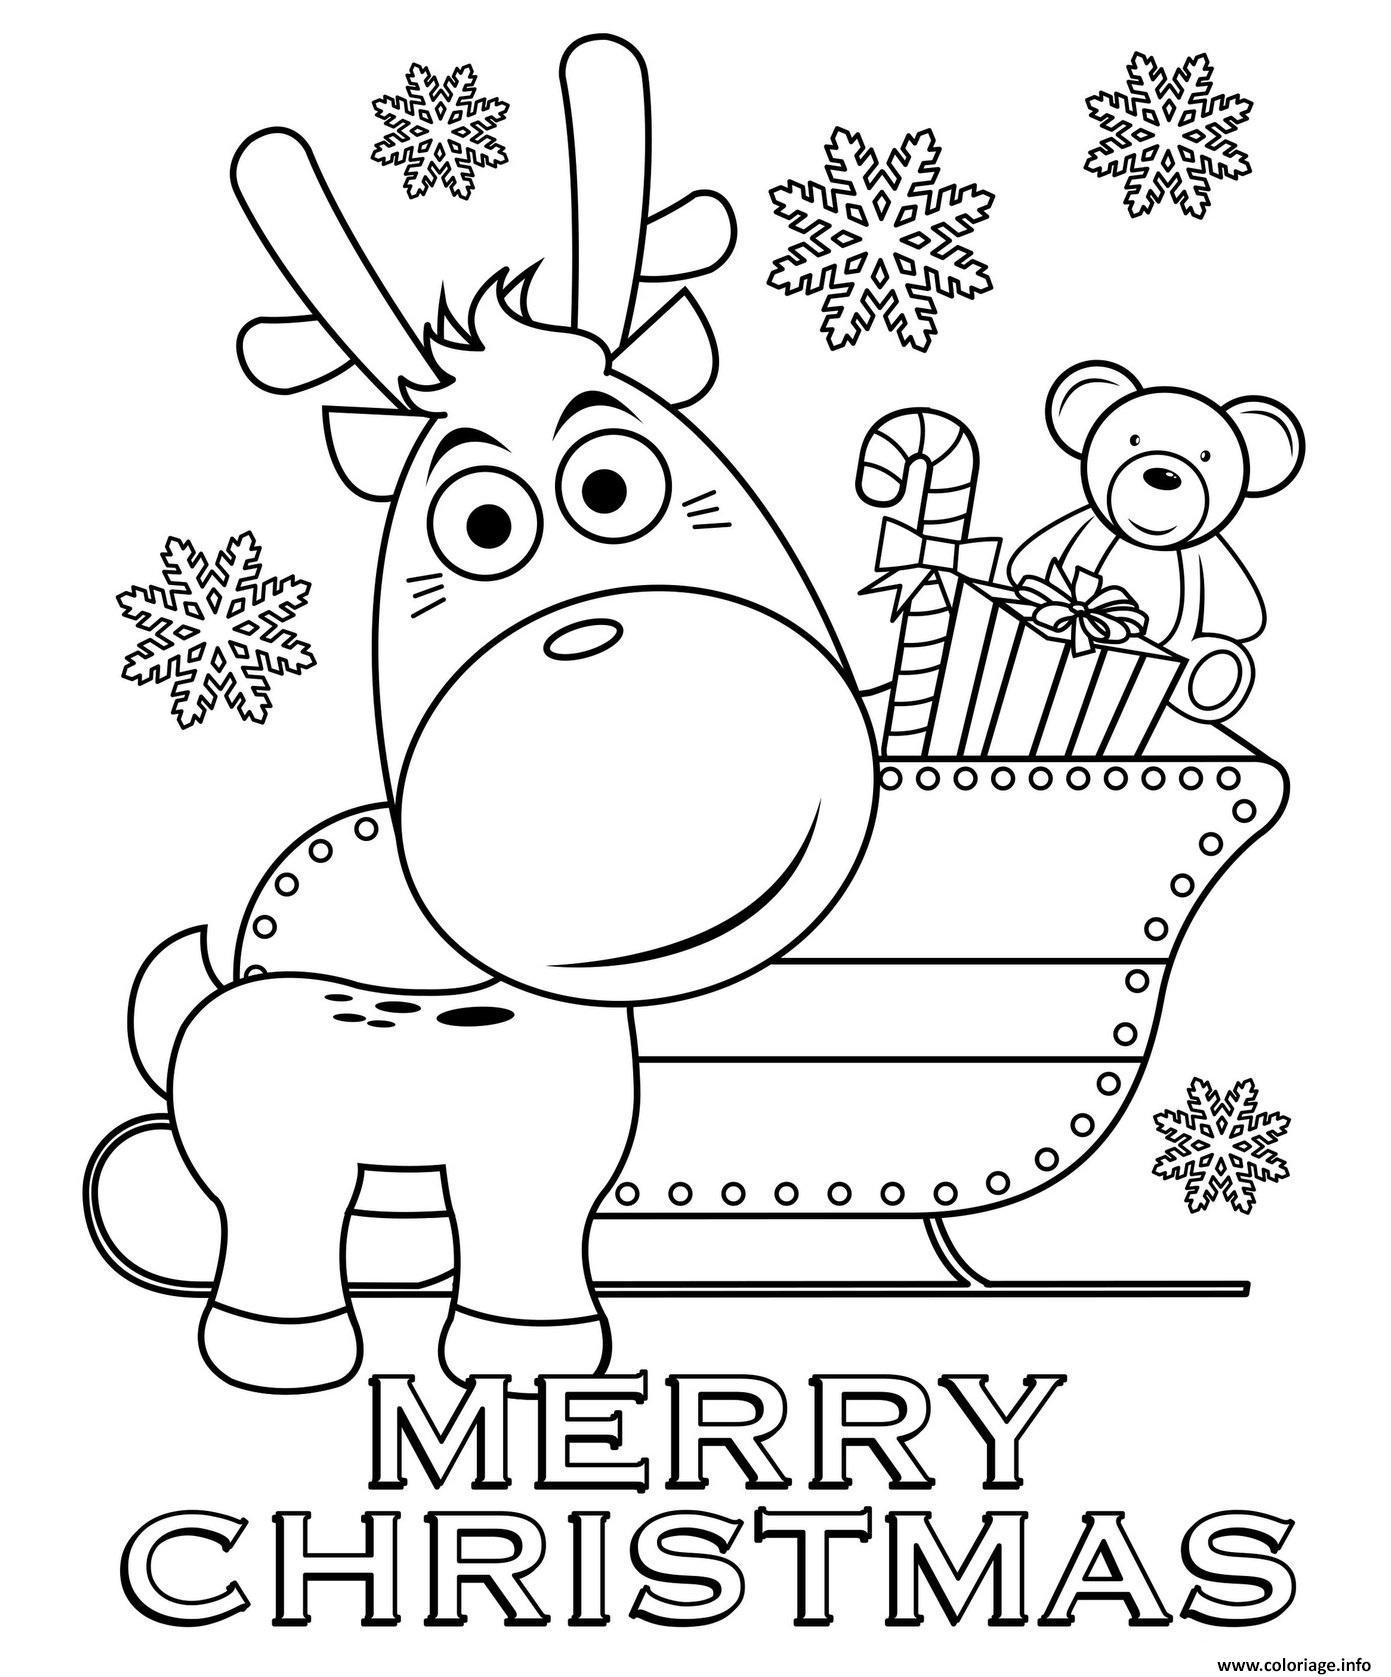 Dessin joyeux noel par le renne au nez rouge Coloriage Gratuit à Imprimer